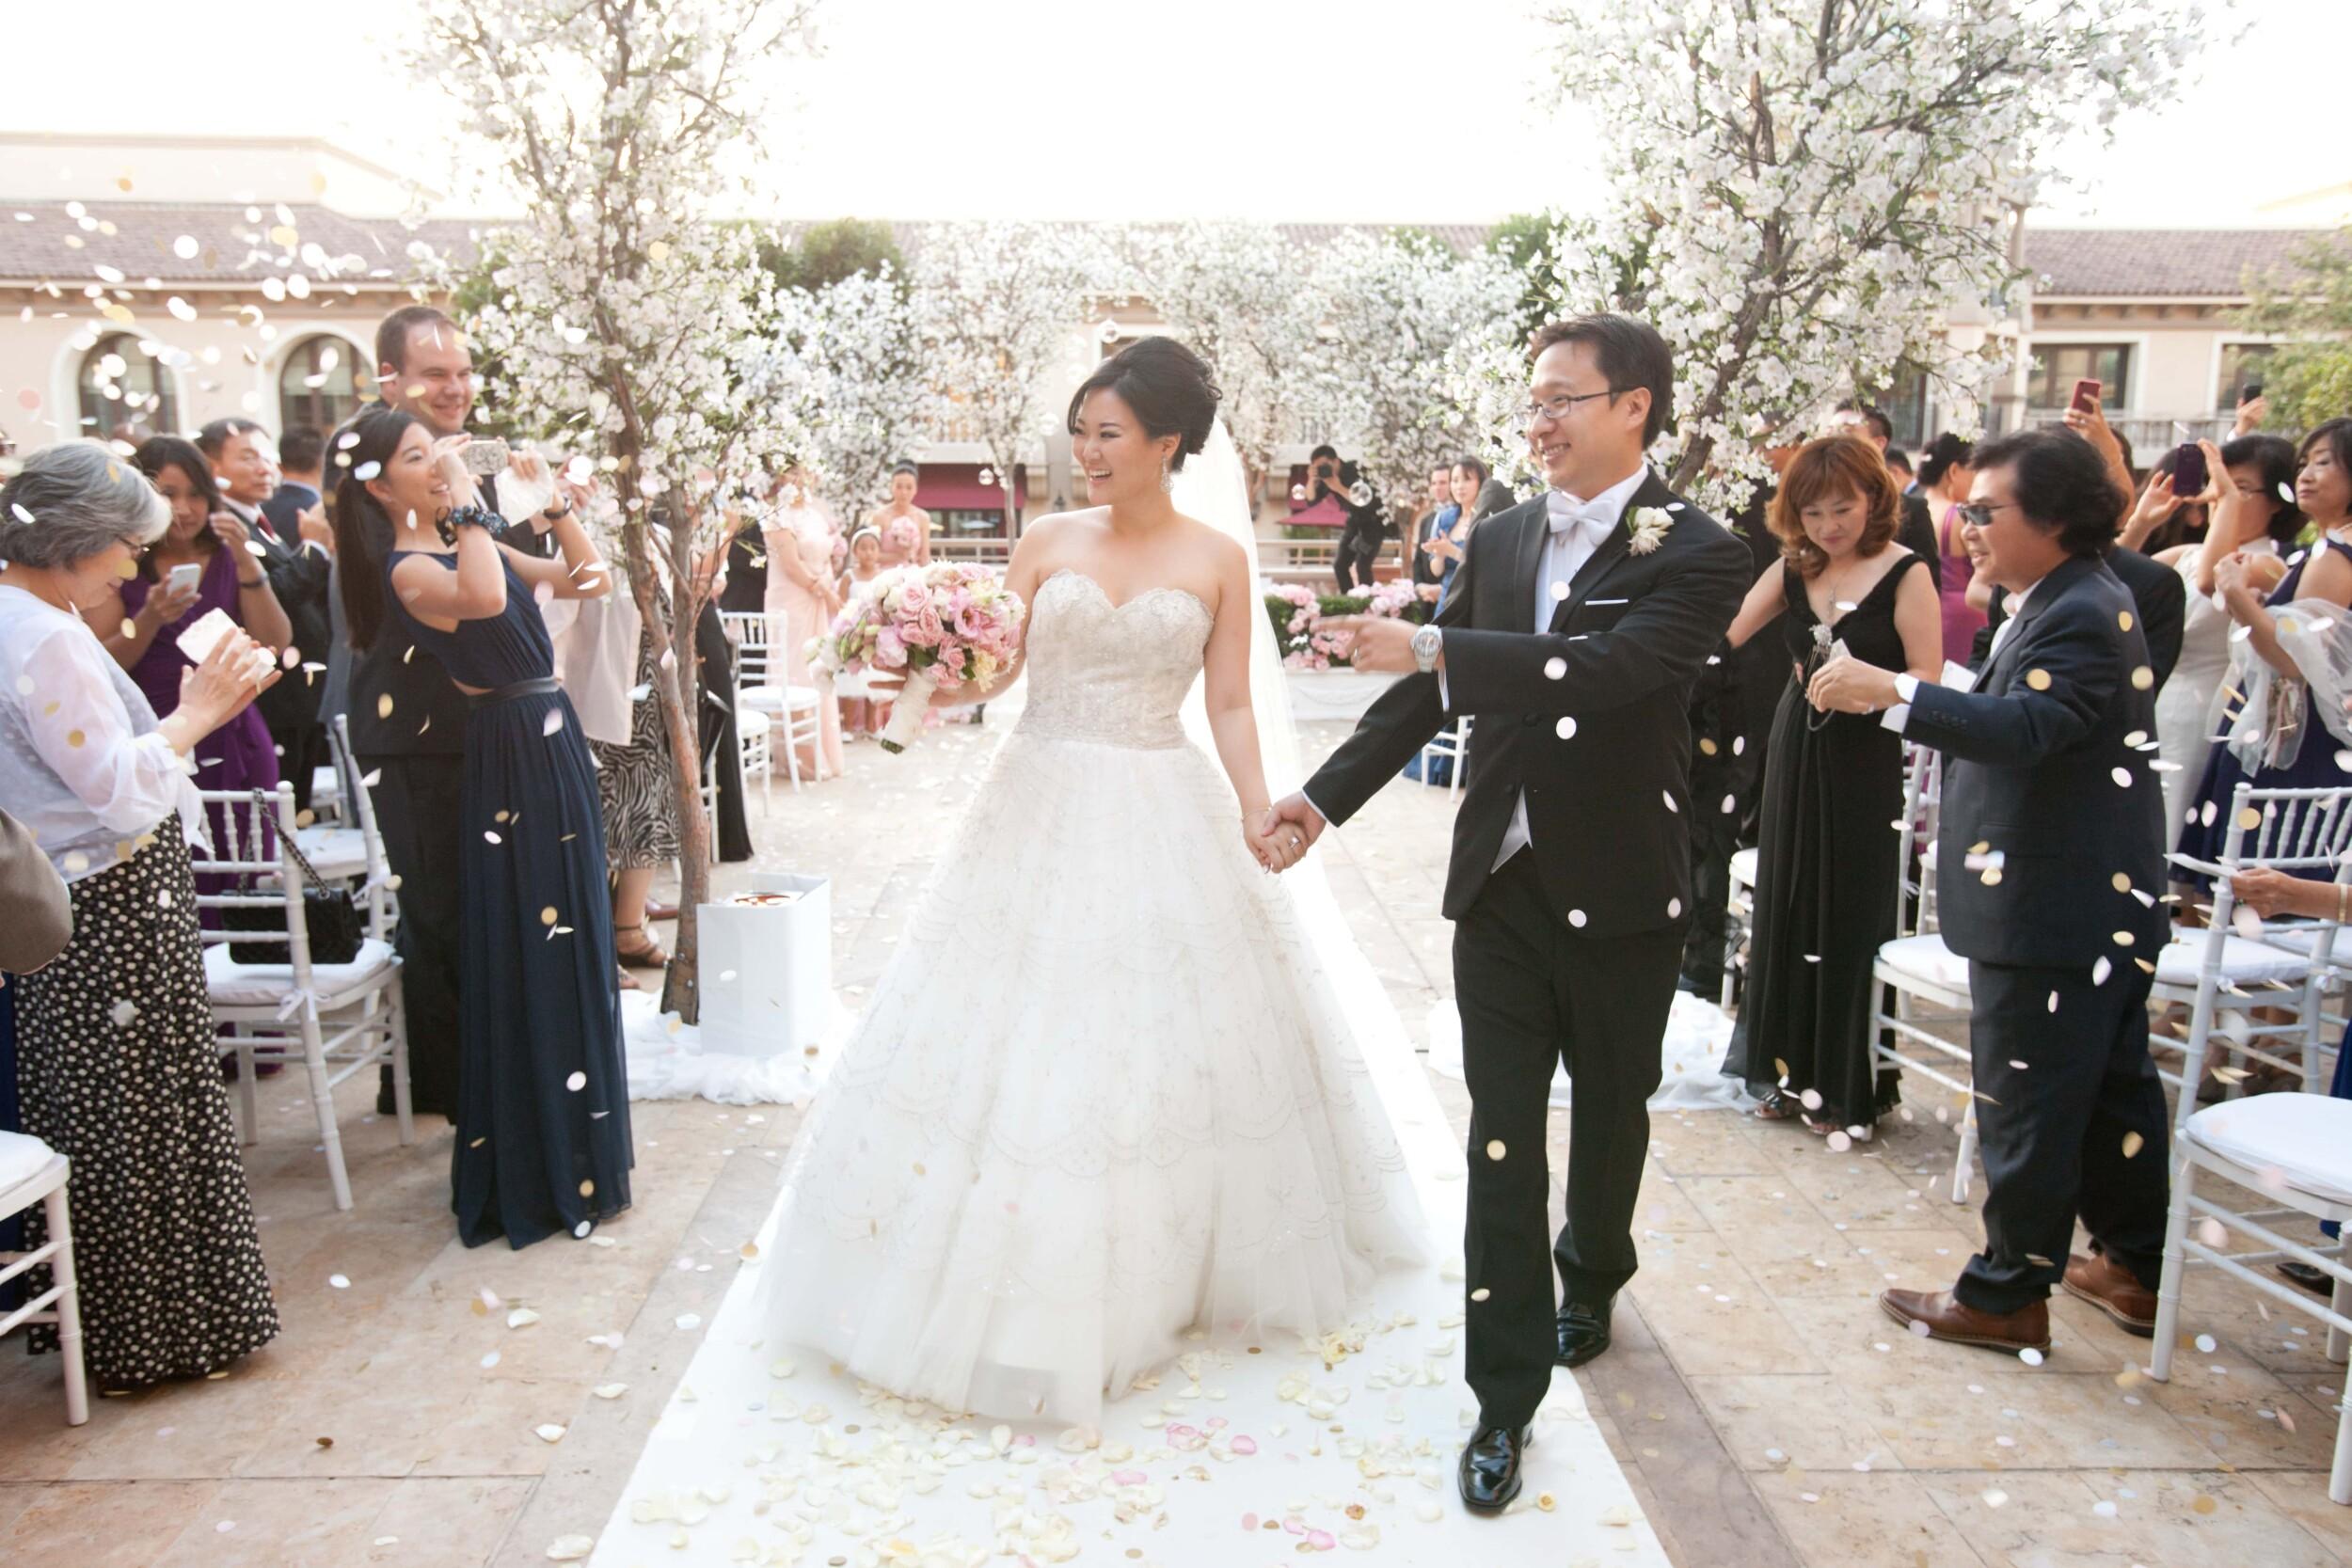 Newly Weds   Gianna Provenzano